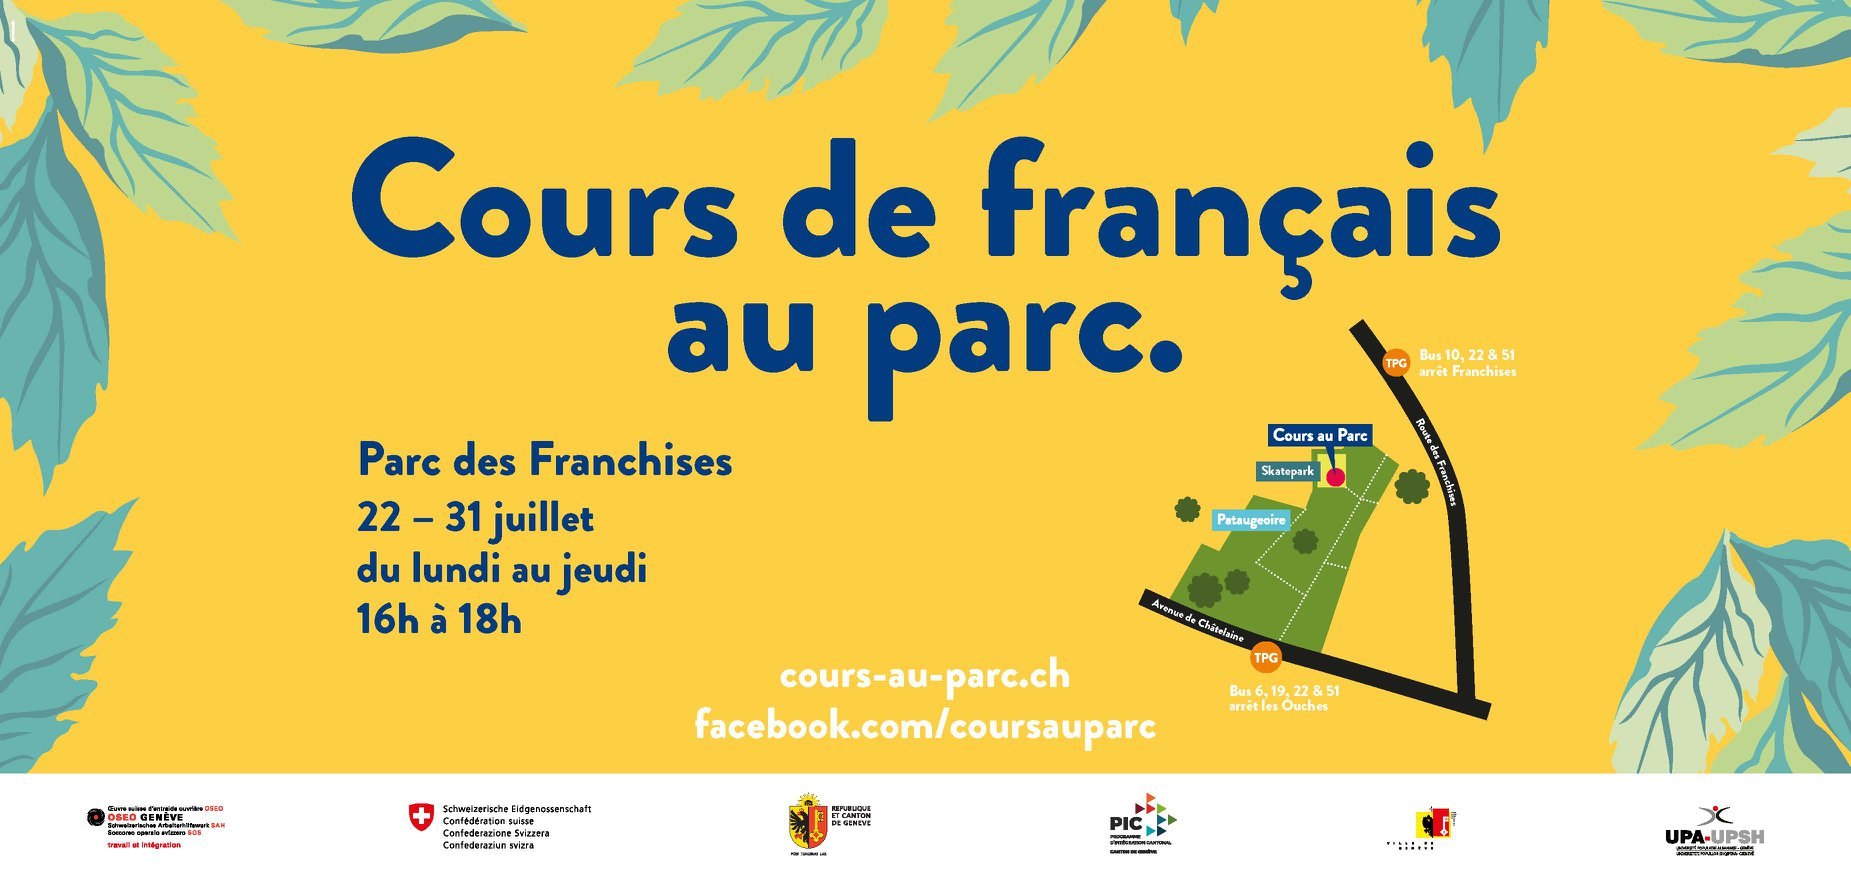 Cours de français au parc